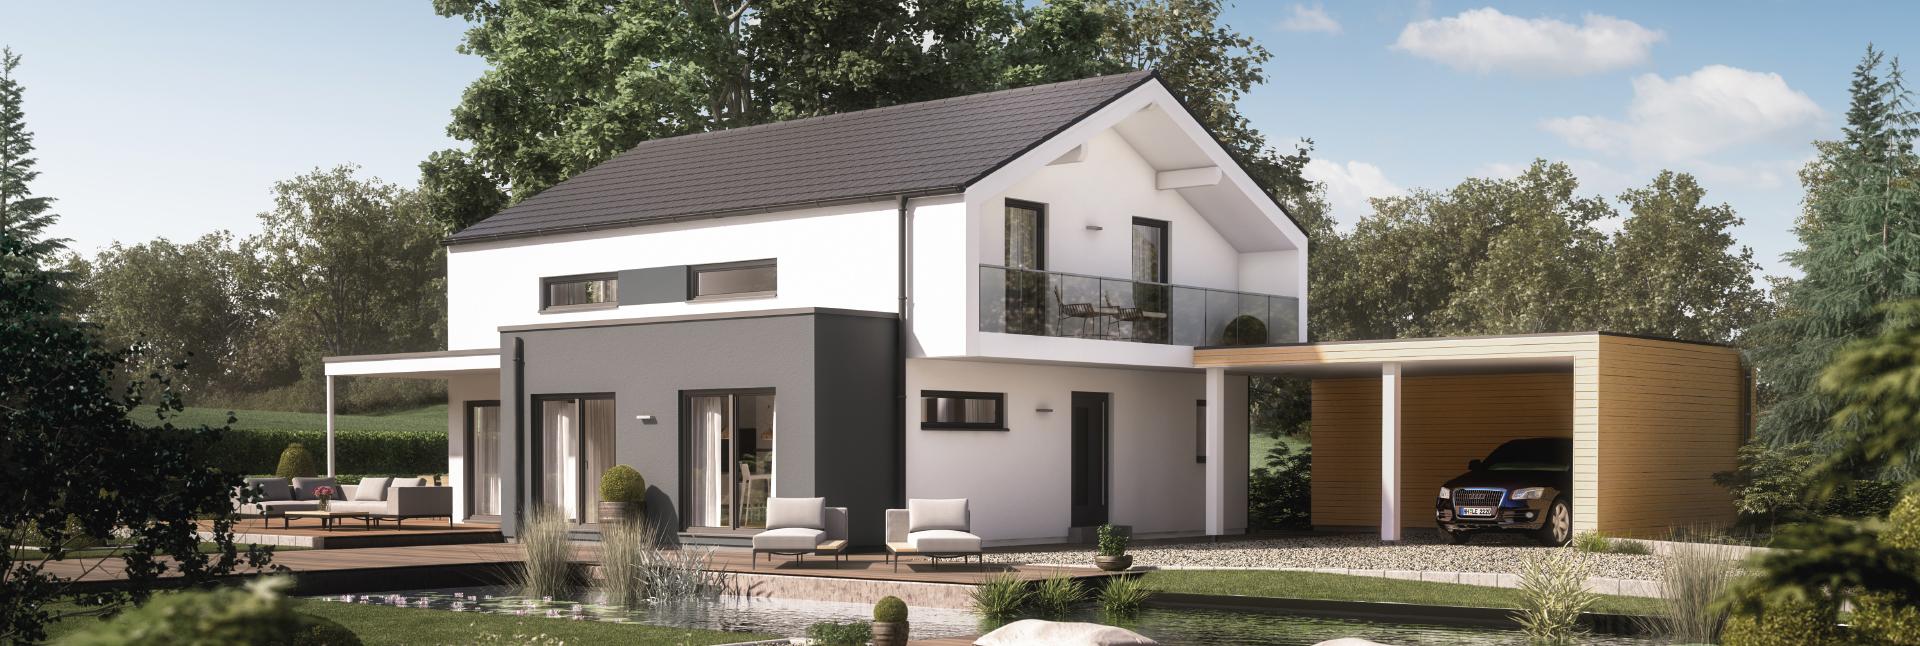 Stadtvilla Fertighaus bauen Kosten & Preise » Moderne ...